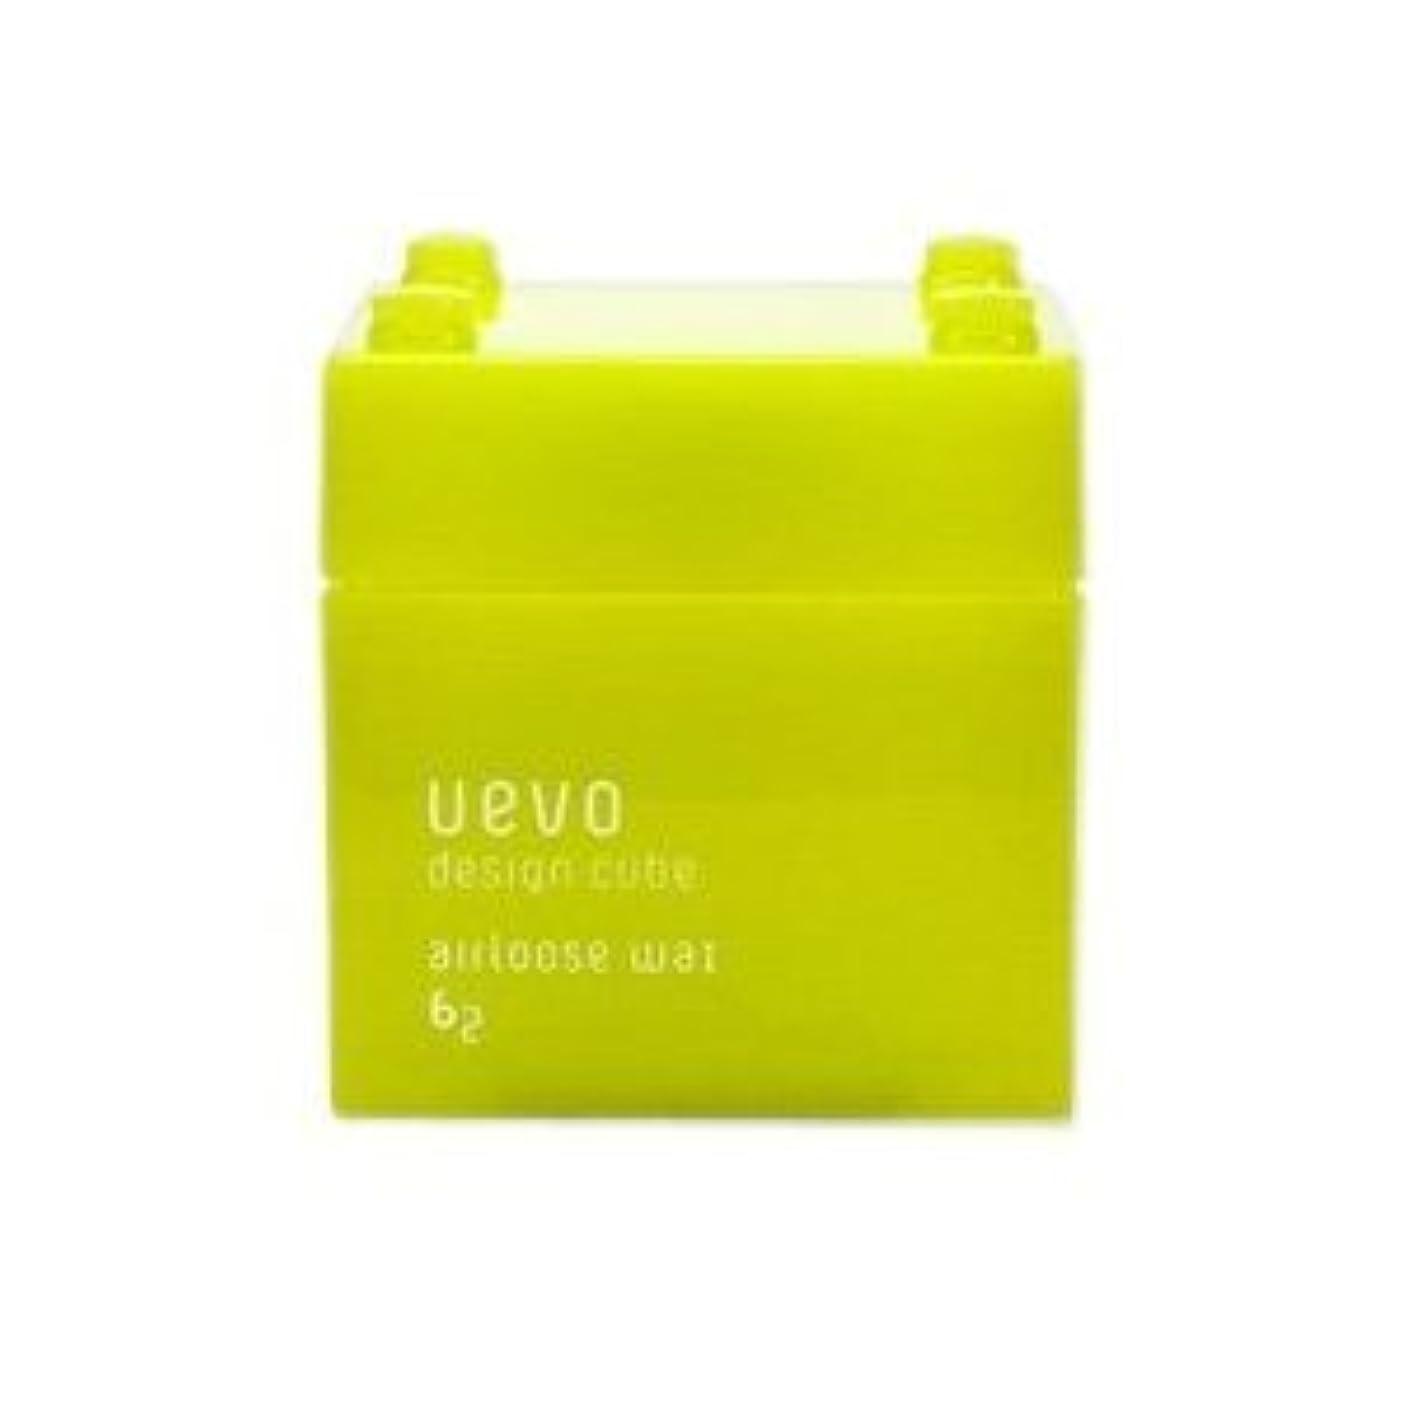 期待する弁護士成分【X2個セット】 デミ ウェーボ デザインキューブ エアルーズワックス 80g airloose wax DEMI uevo design cube